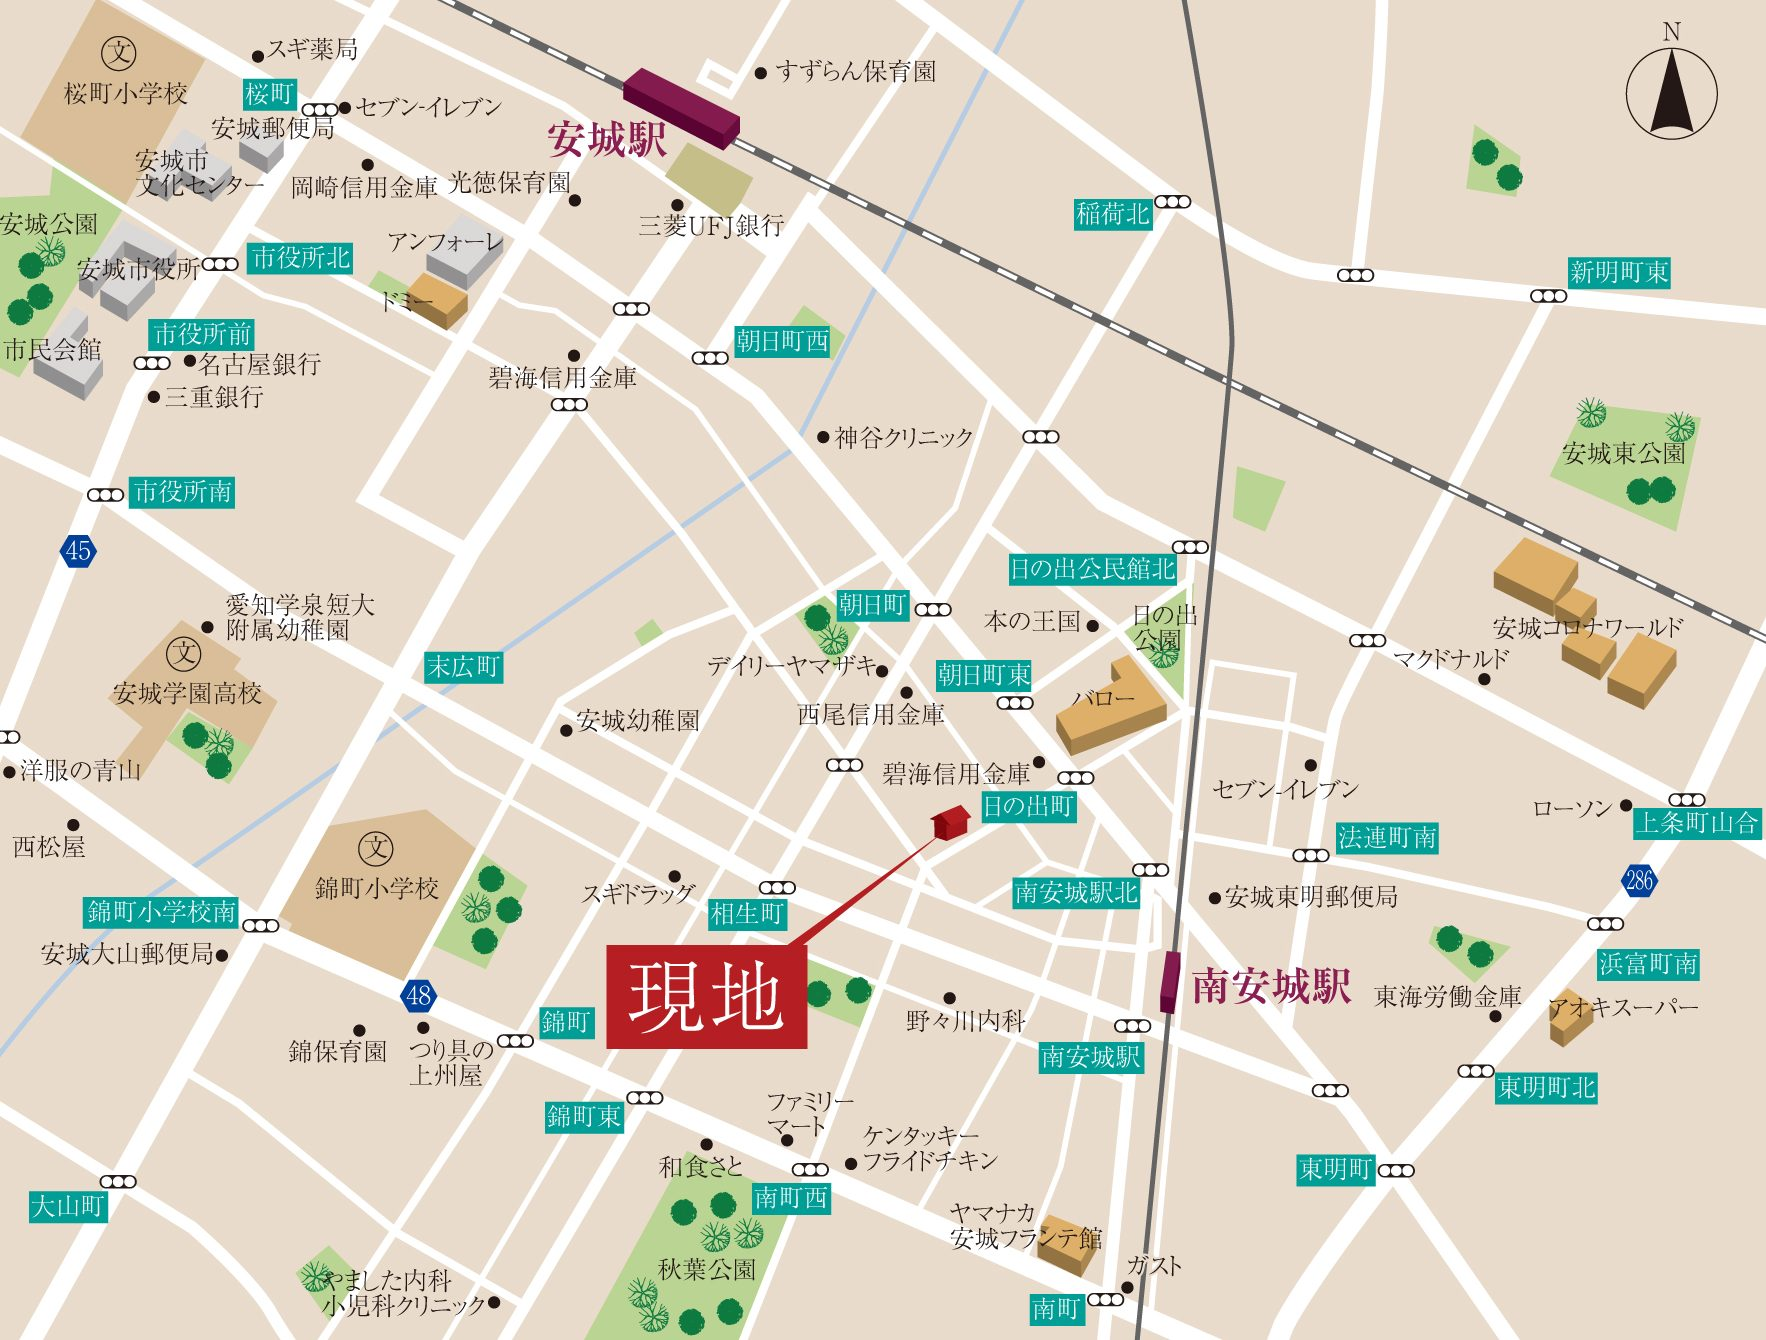 日本、〒446-0033 愛知県安城市日の出町7−18